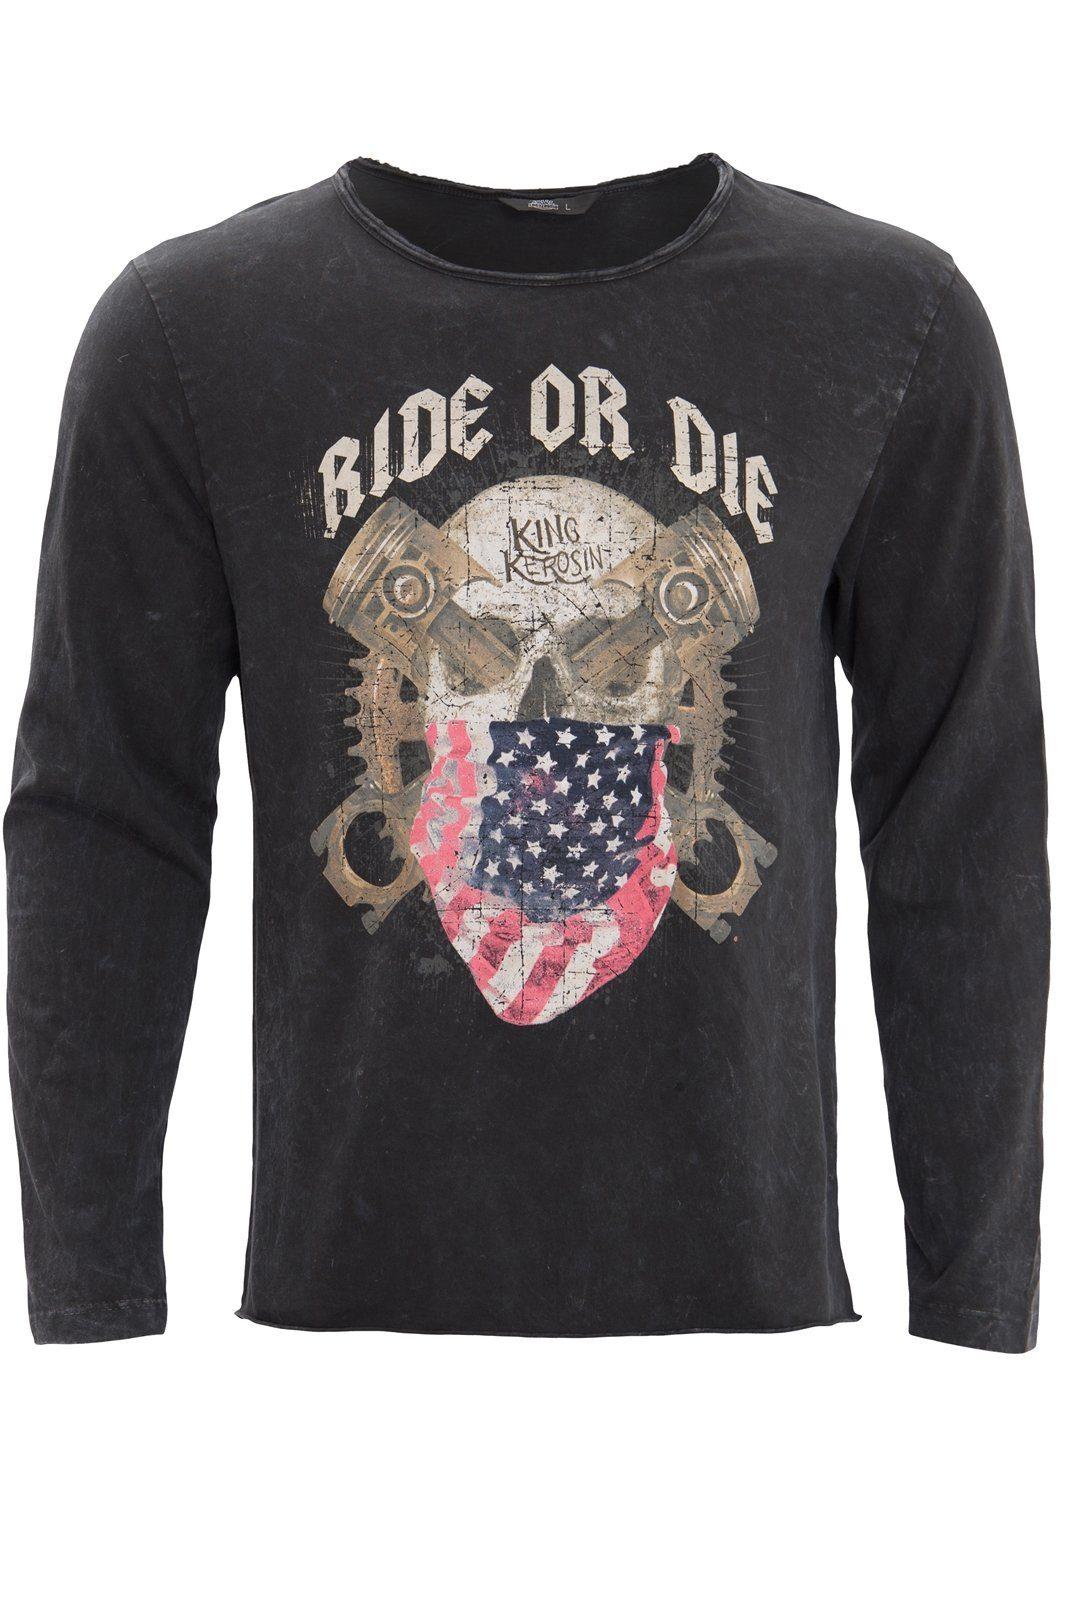 kingkerosin -  Langarmshirt ride or die